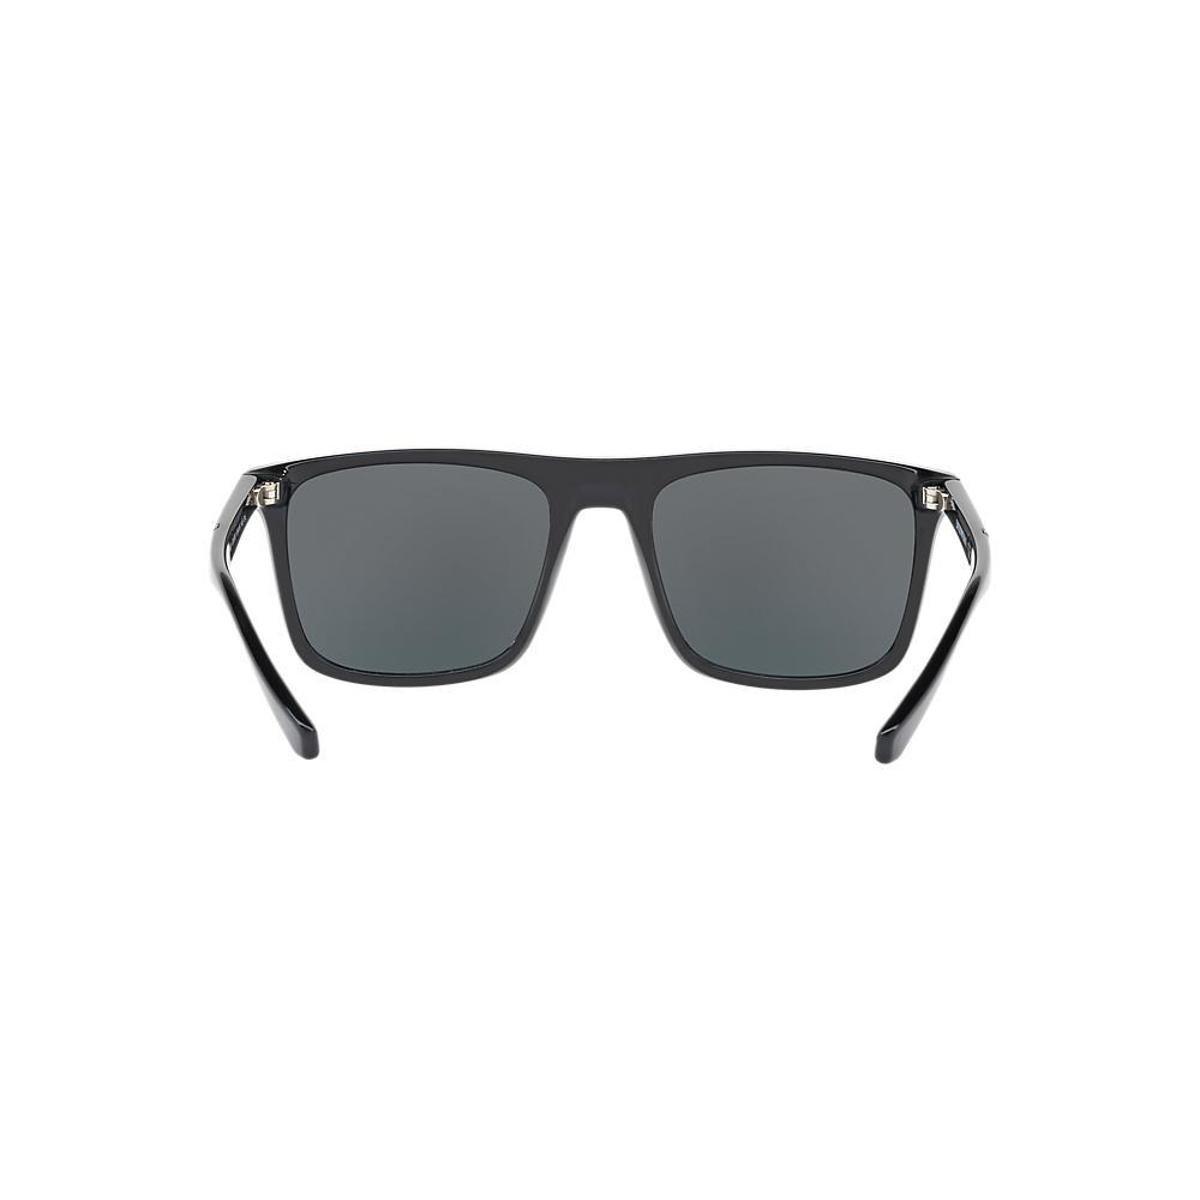 Óculos de Sol Emporio Armani Quadrado EA4097 Masculino - Compre ... a2adda2fa0